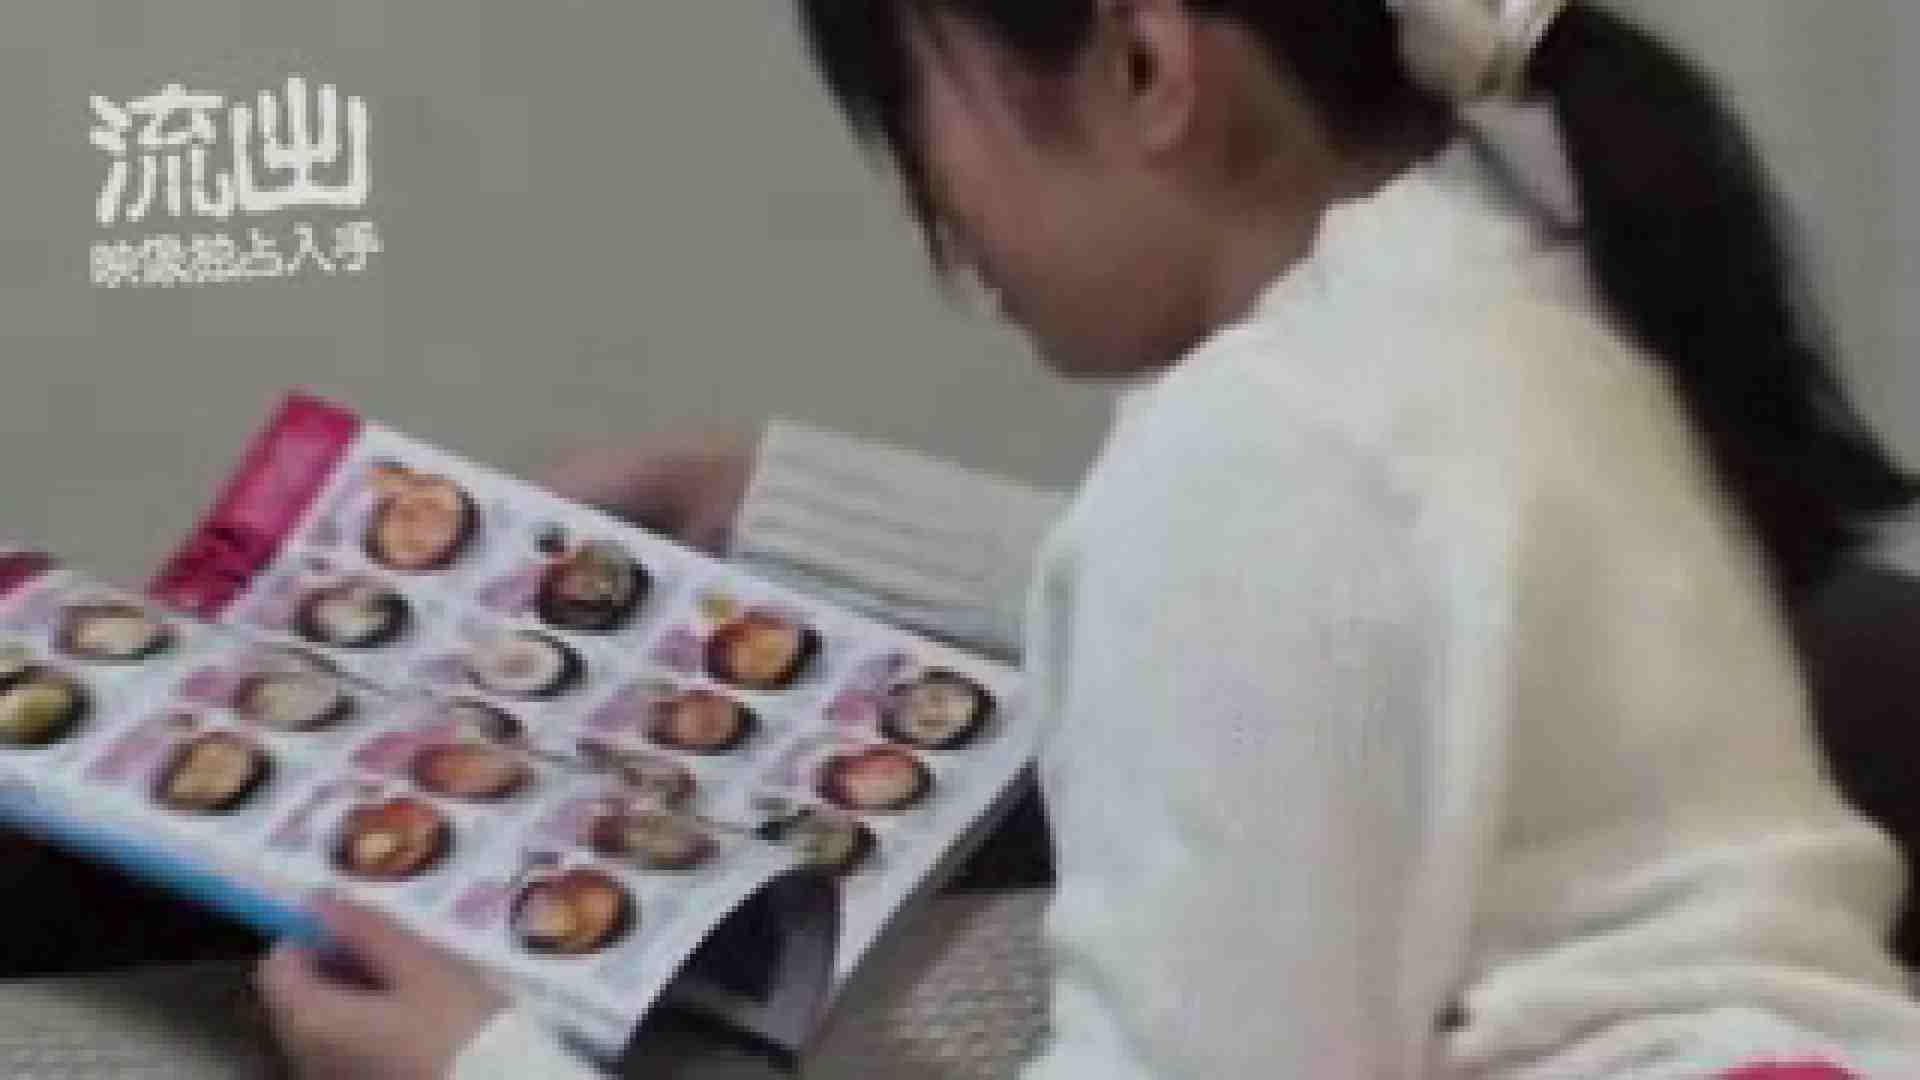 素人流出動画 都内在住マモルくんのファイルvol.6 オナニー | シャワー  72pic 9